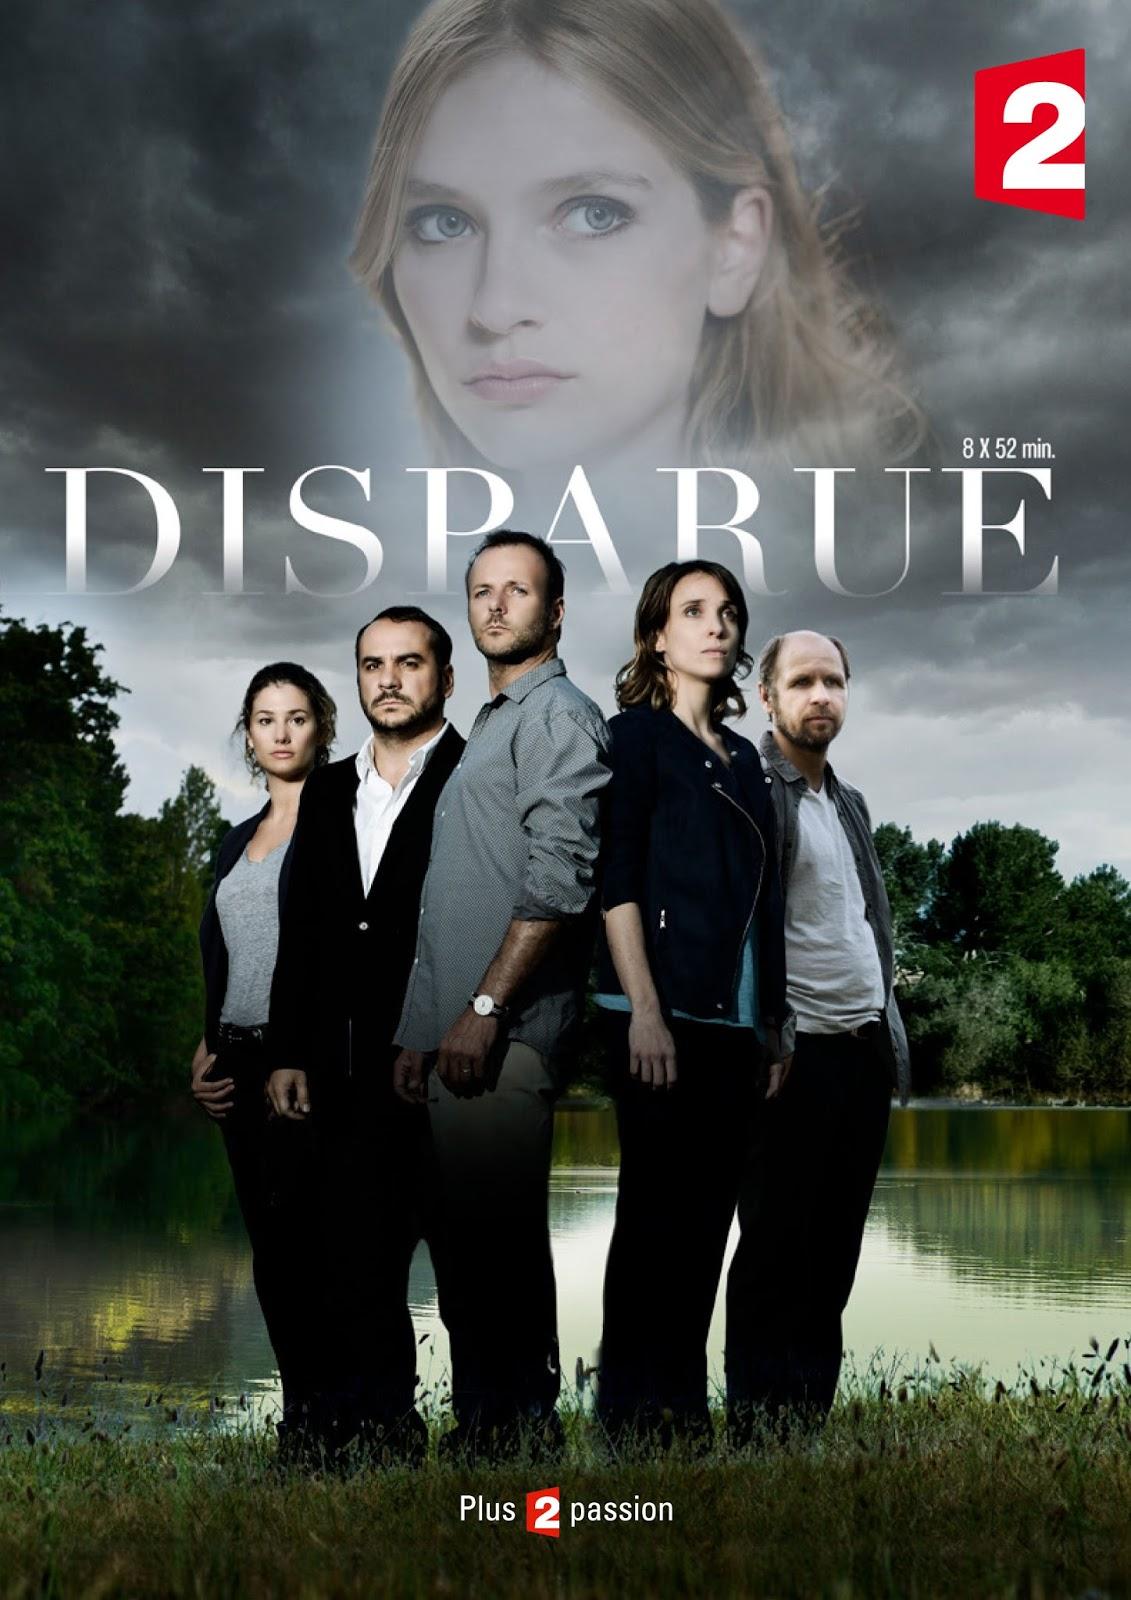 """Critique / """"Disparue"""" (2015) de Marie Deshaires et Catherine Touzet 8 image"""